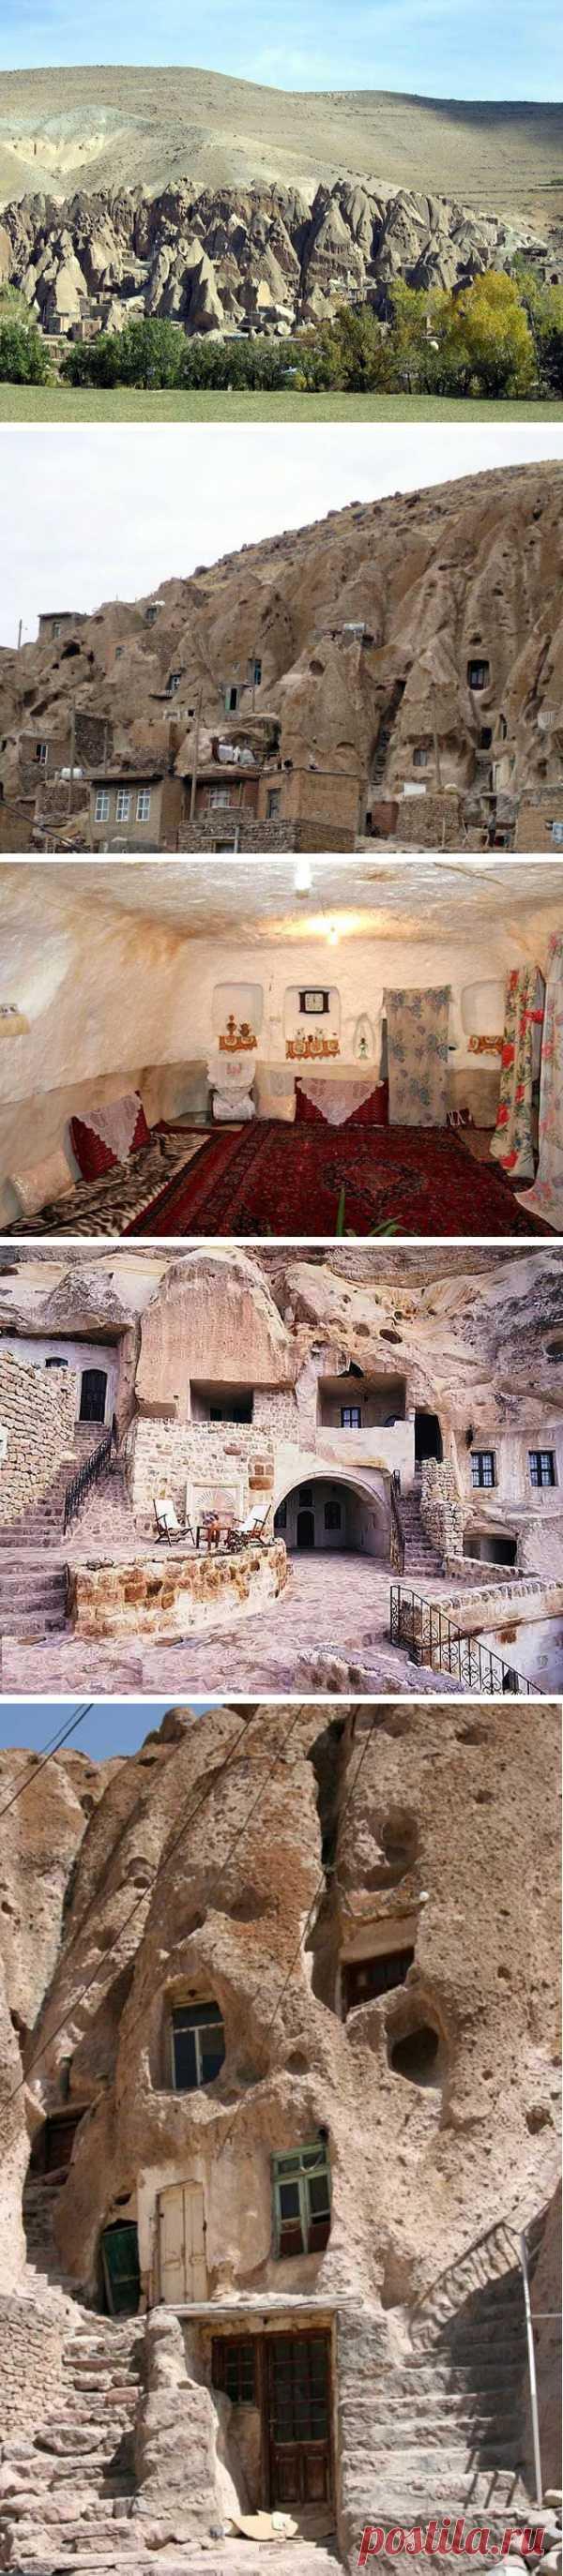 Удивительные дома в скалах! Деревня Кандован, Иран